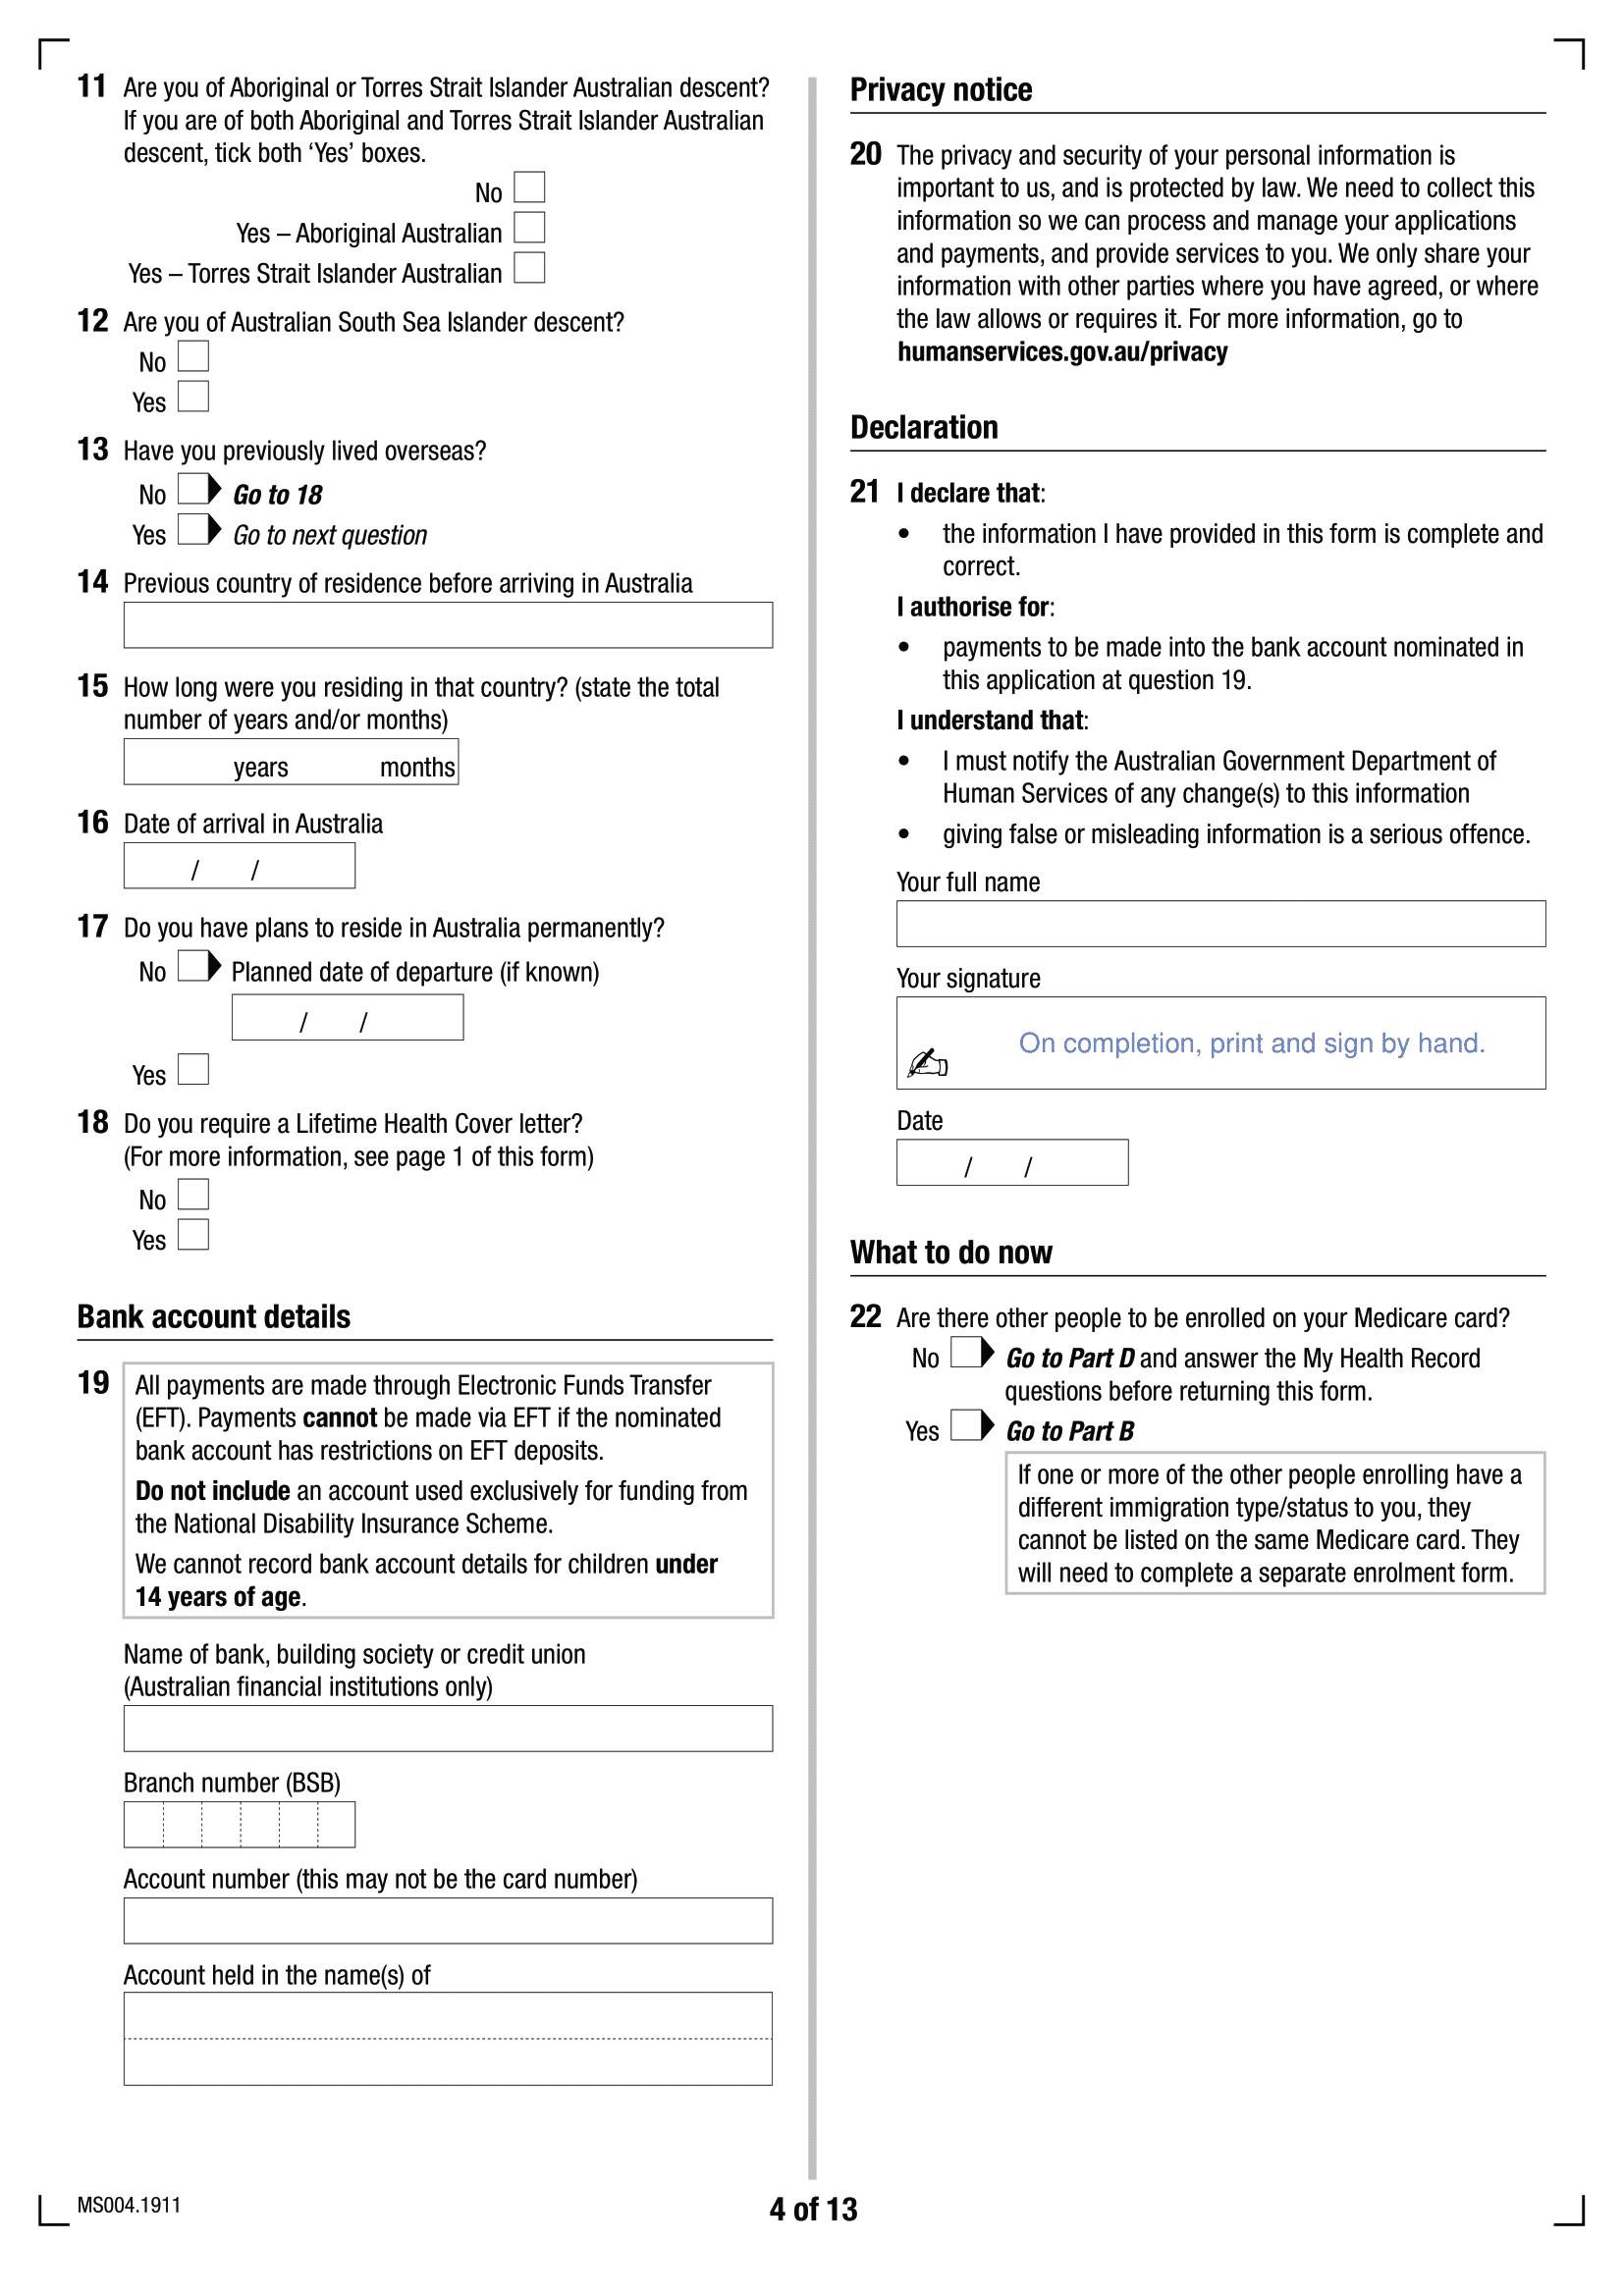 Formulaire d'inscription Medicare MS004 - Page 4